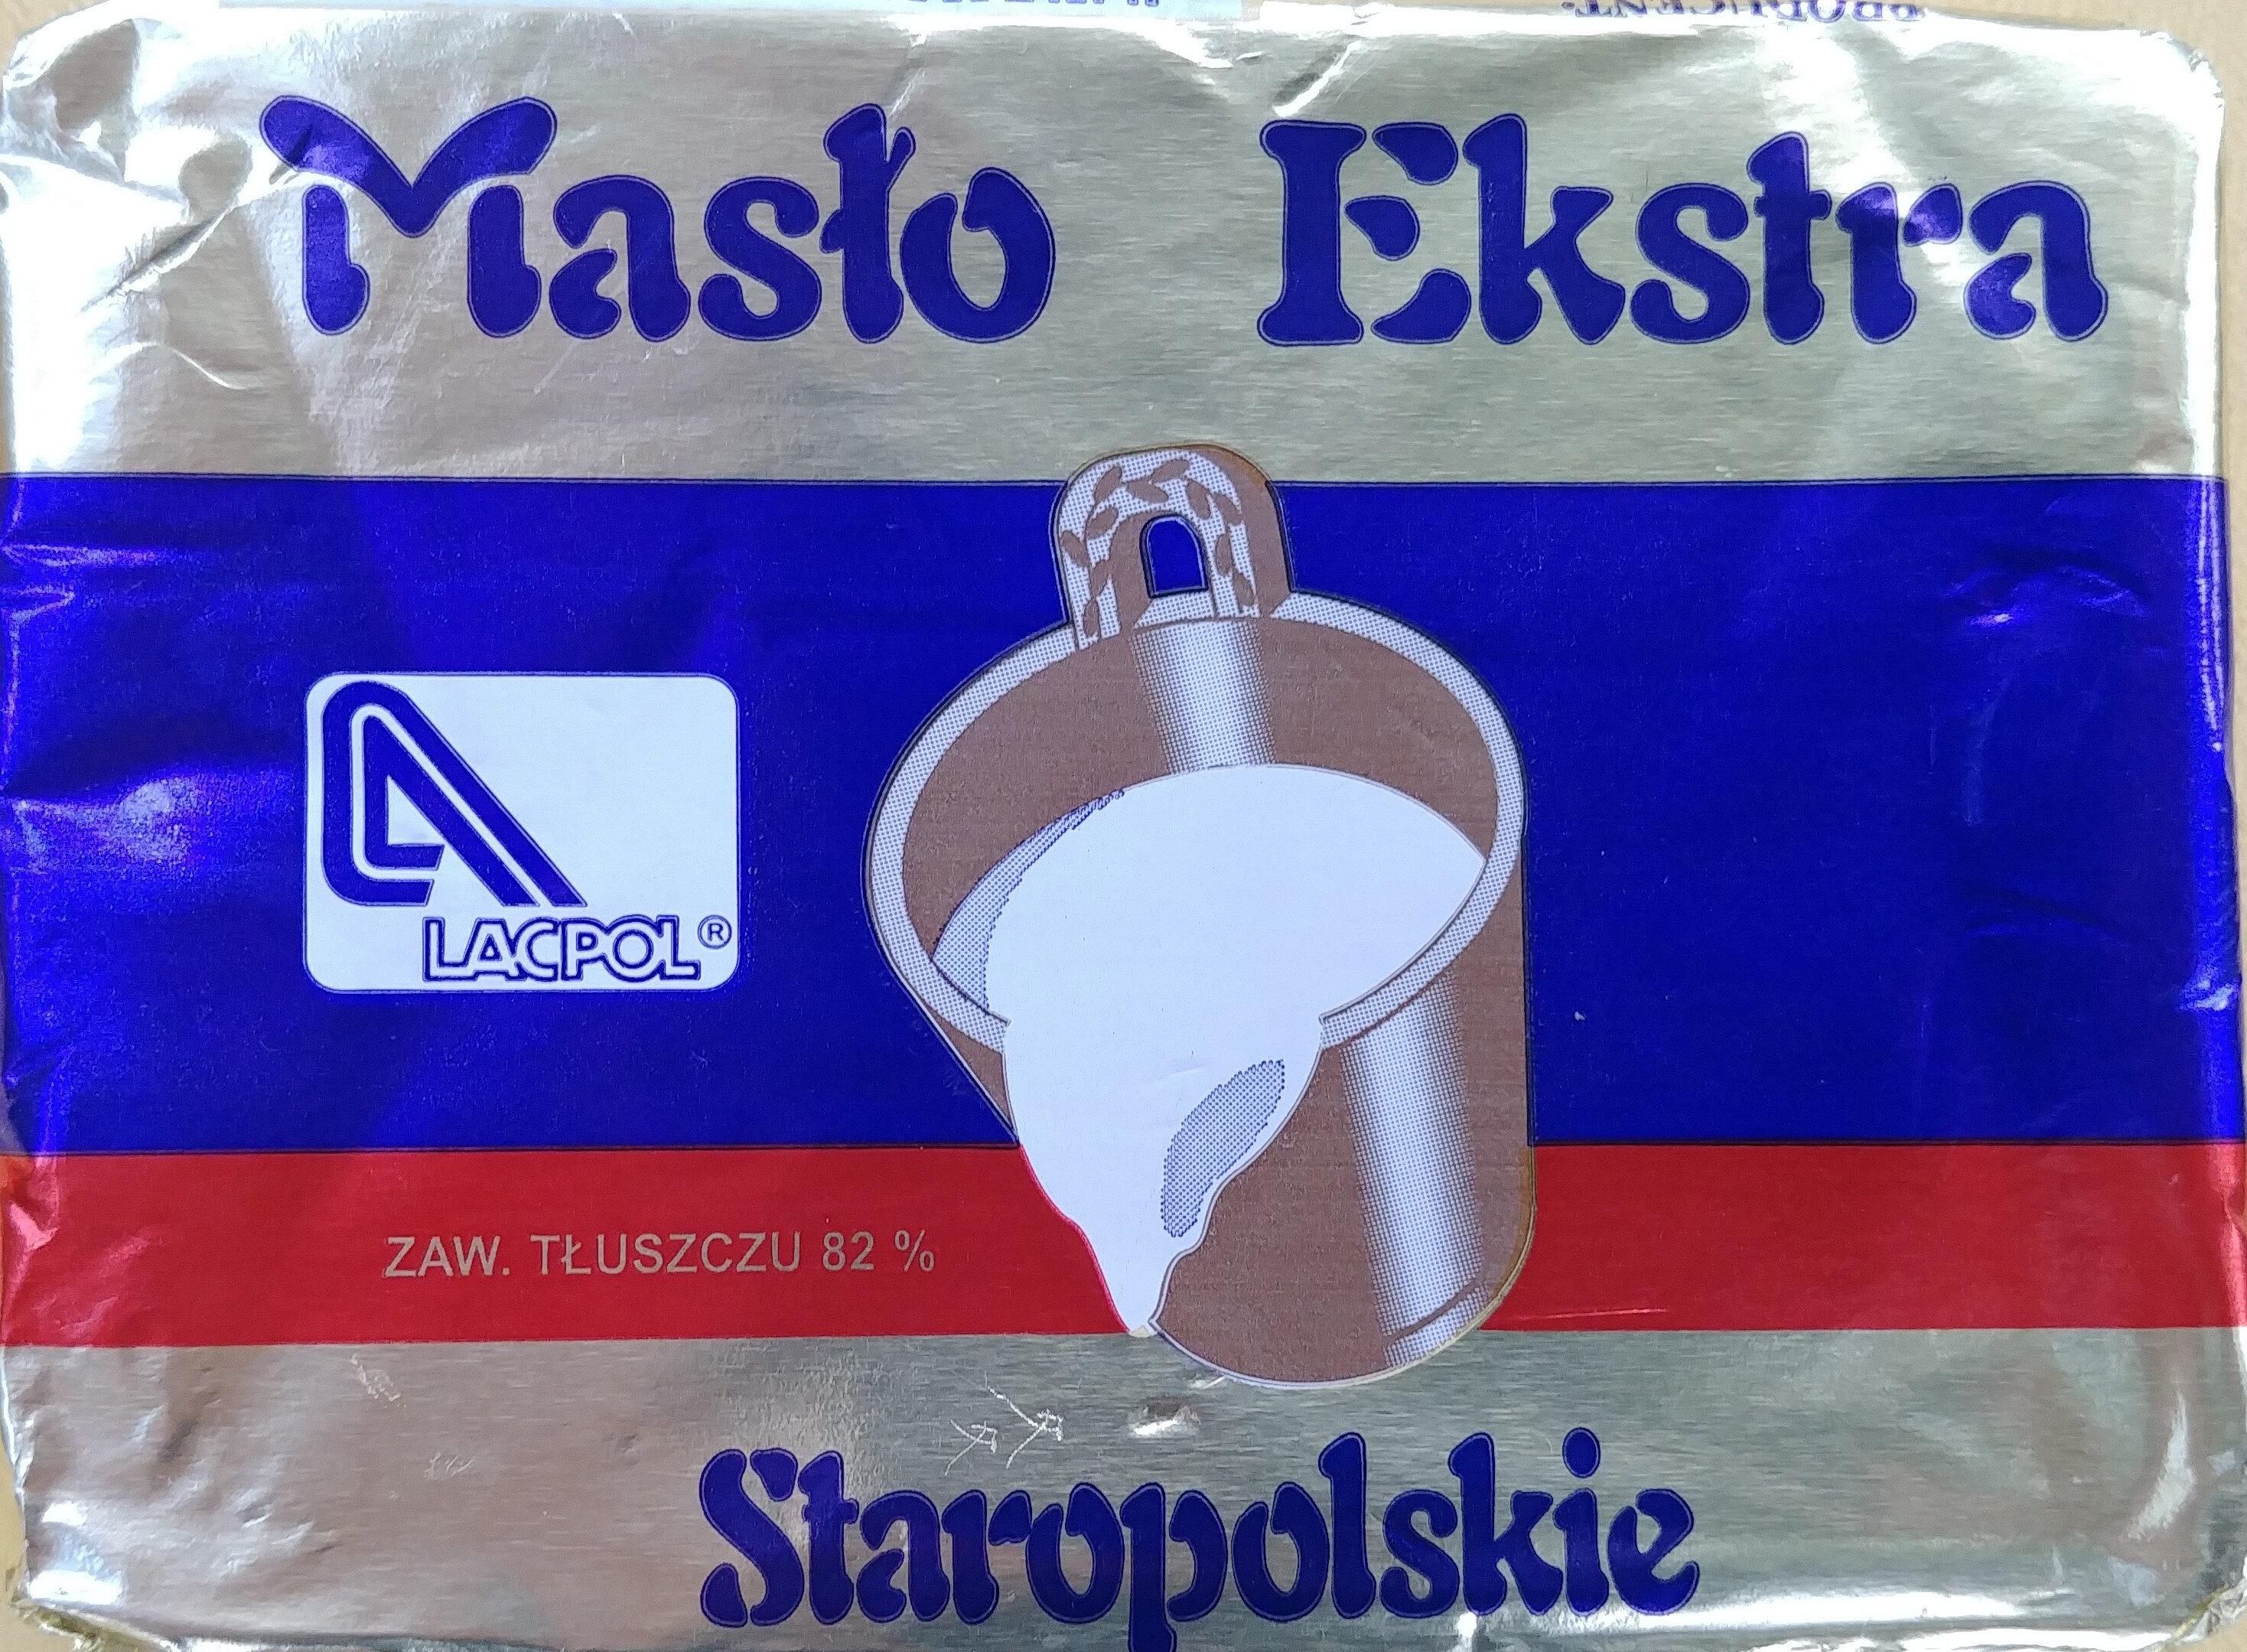 Masło ekstra Staropolskie. - Produkt - pl